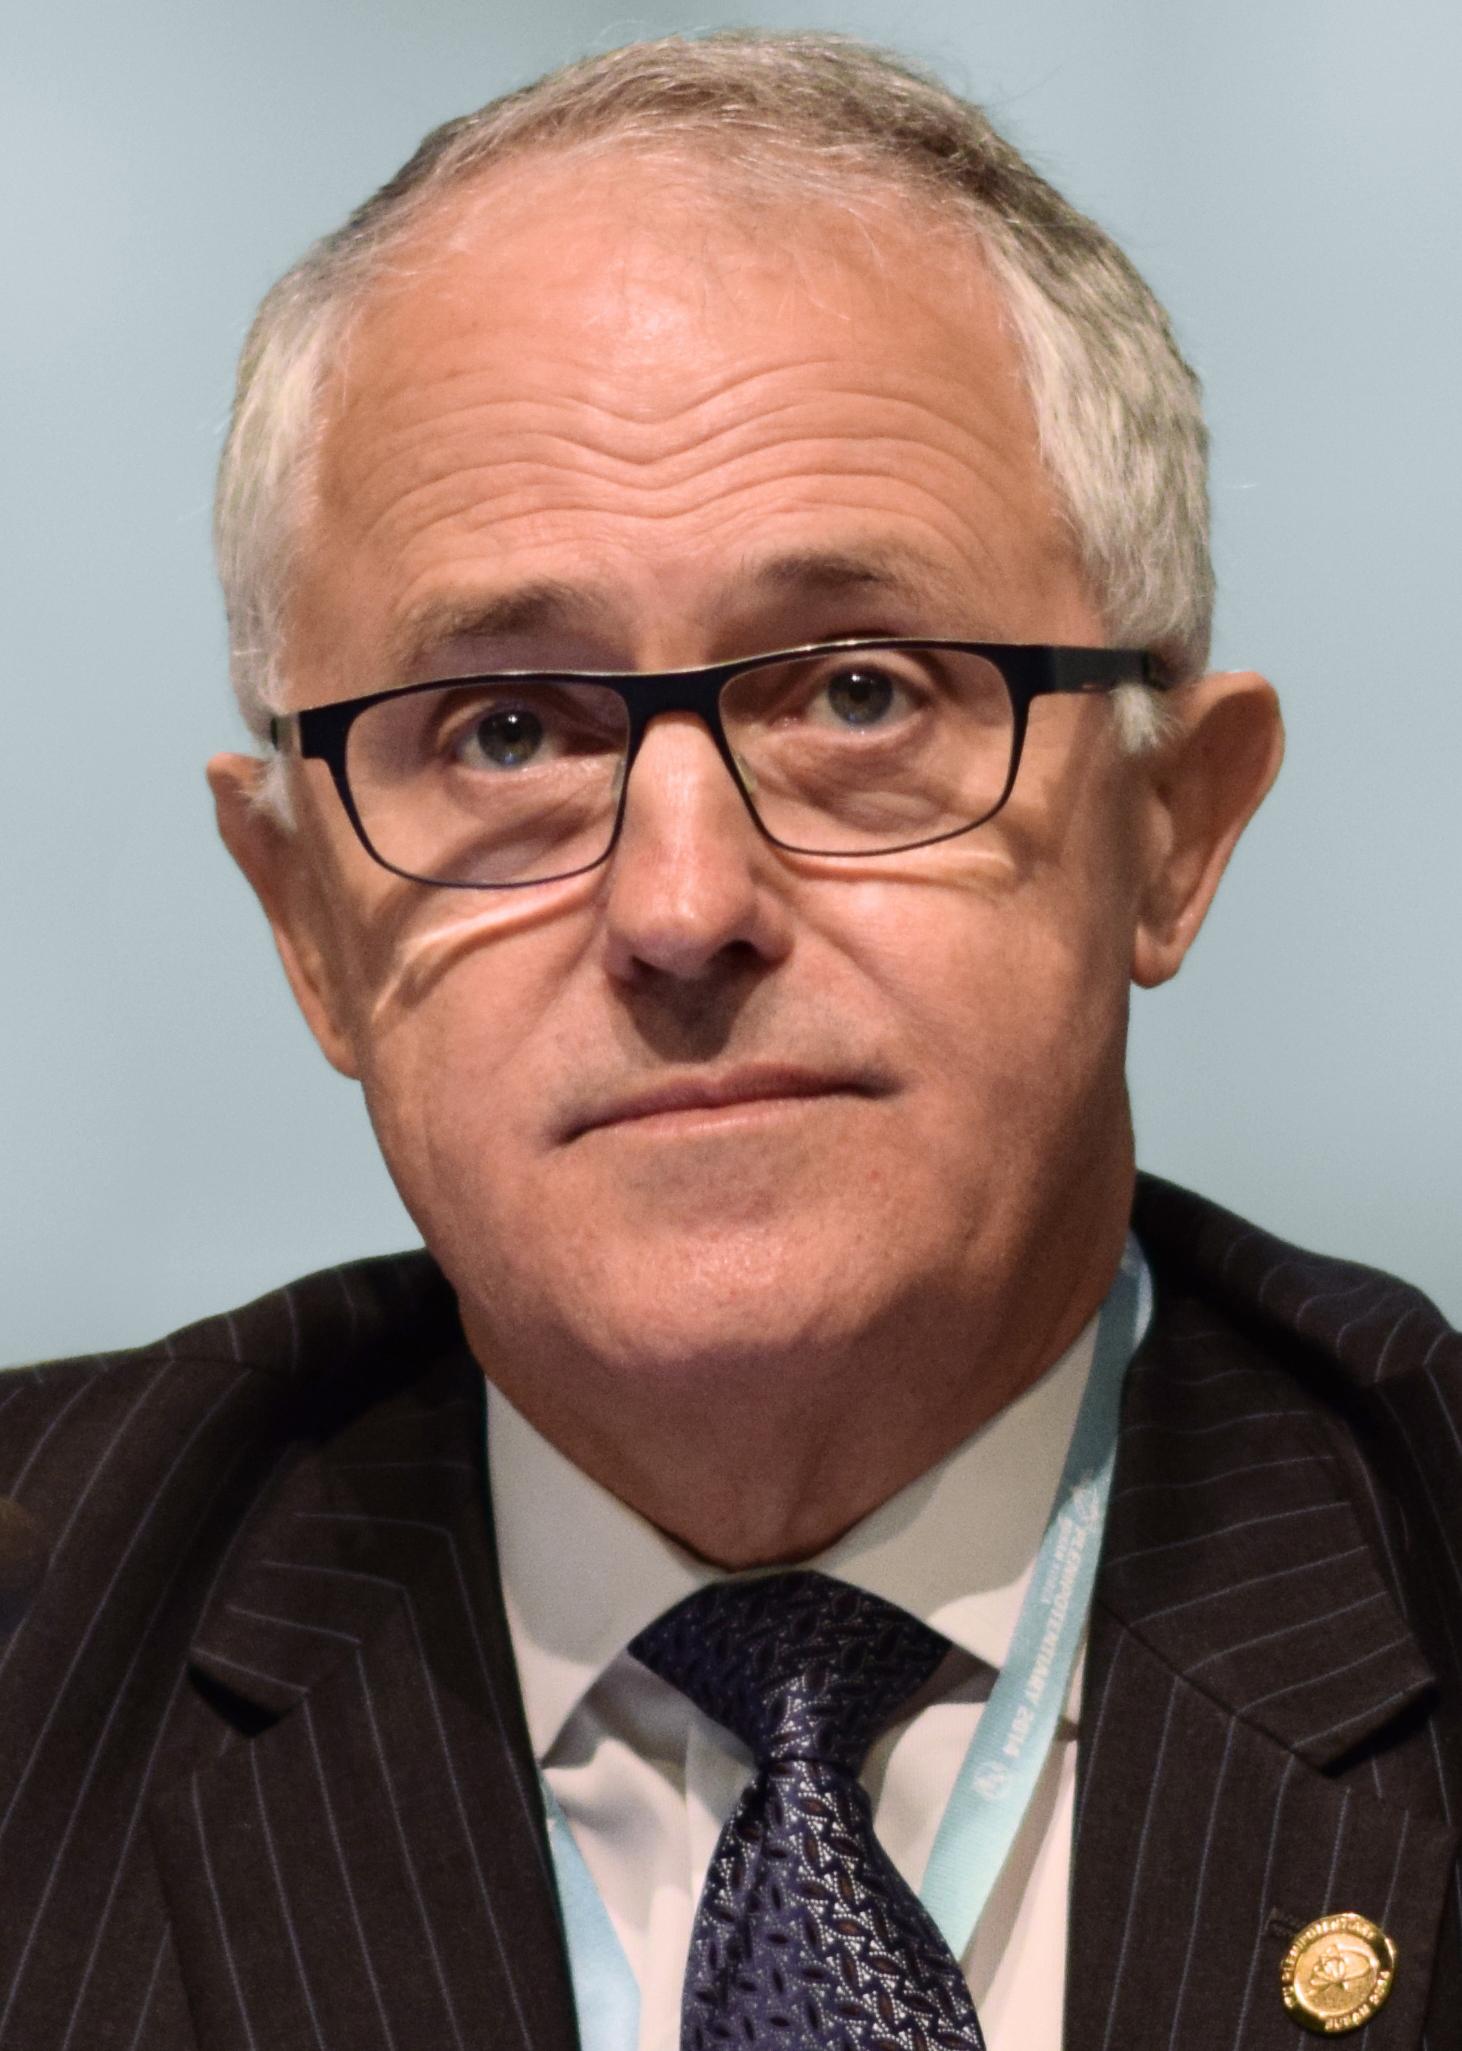 Malcolm Turnbull (Liberale Party) is die huidige eerste minister van Australië